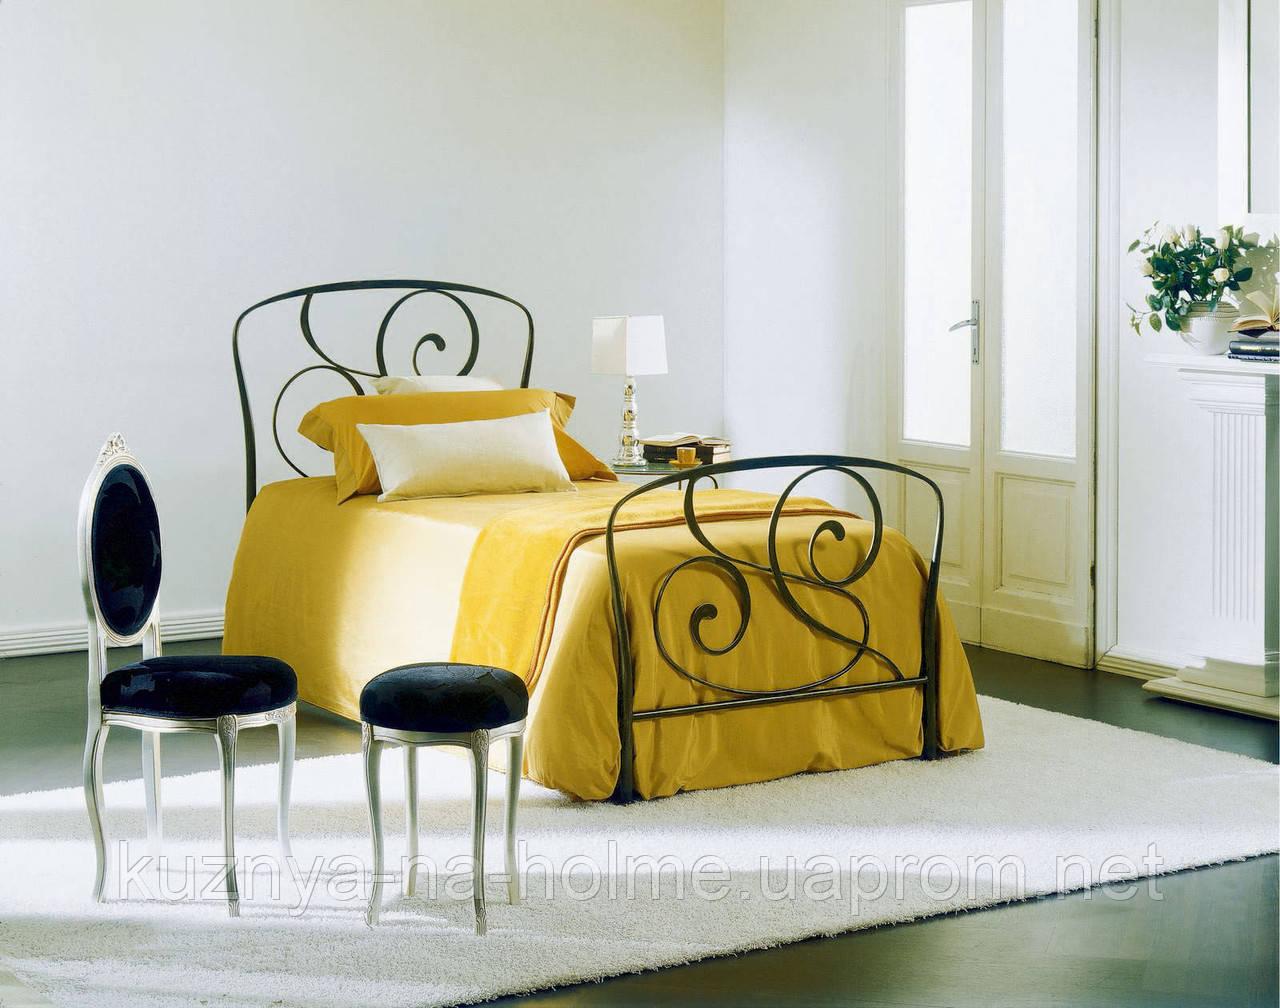 Кованая кровать односпальная. Ручная ковка